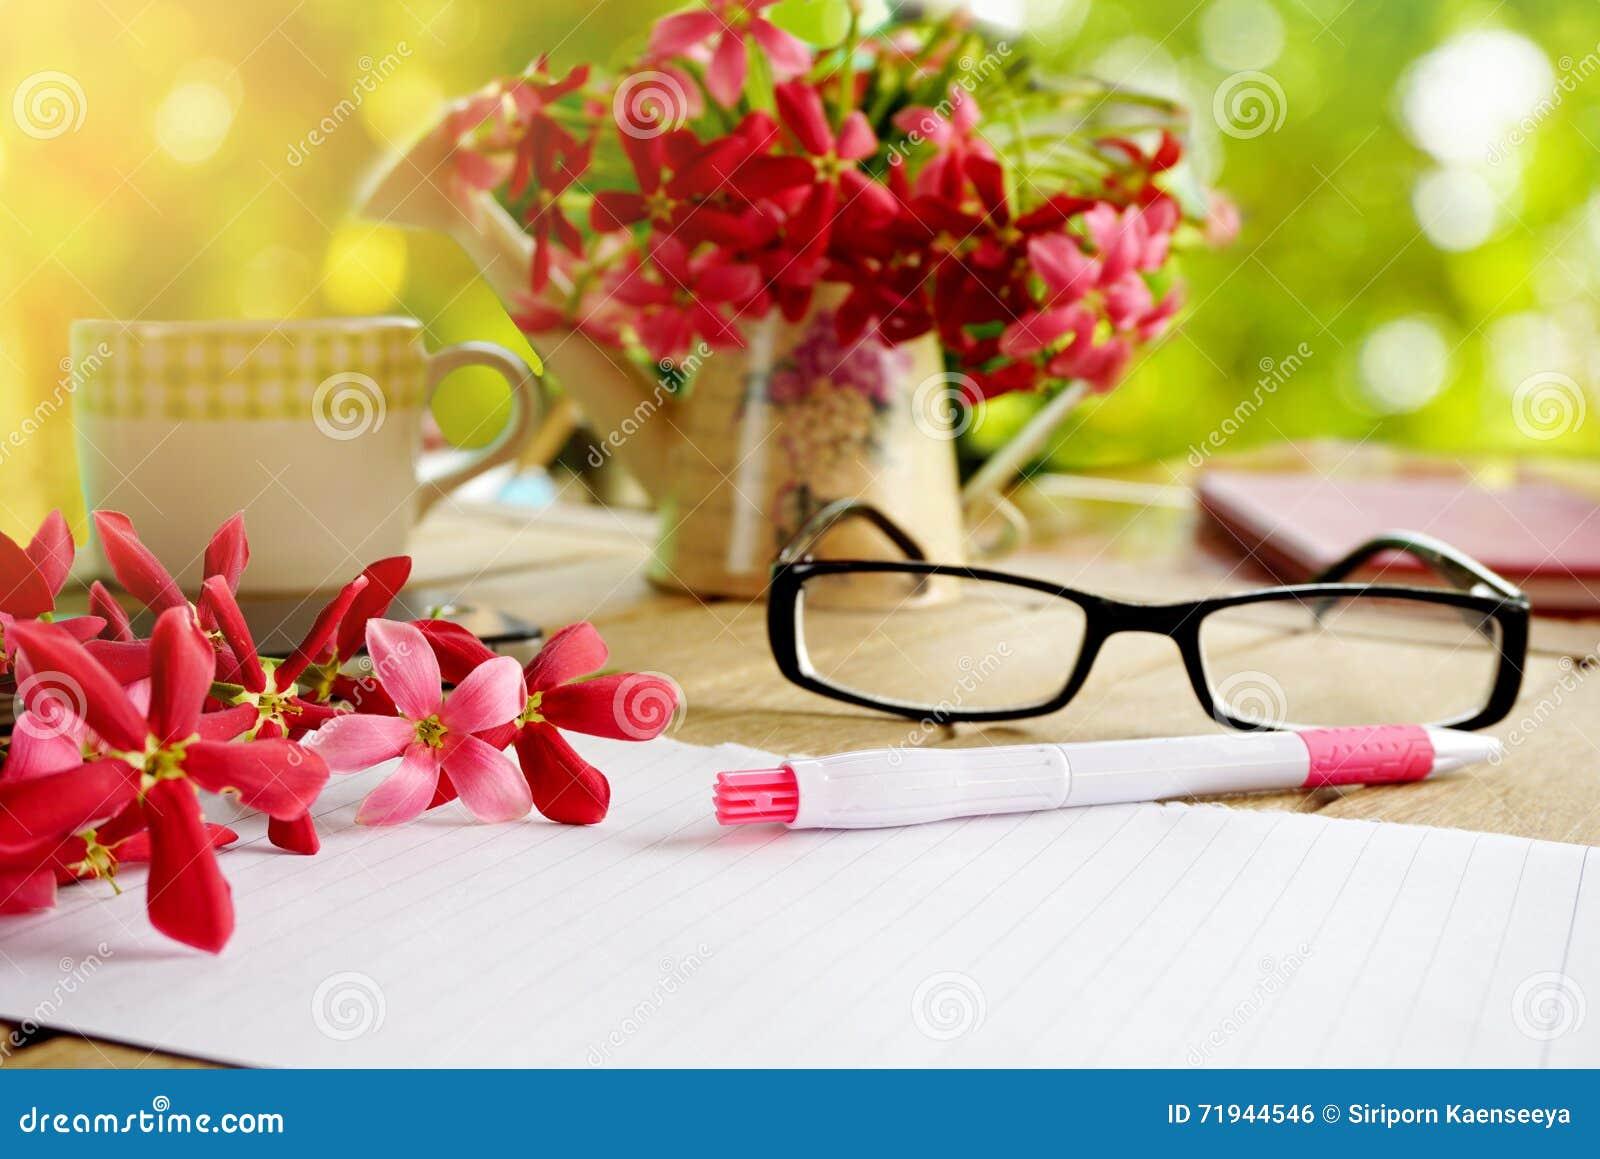 Розовый цветок на деревянном столе с включать дело страницы тетради бумажные или предпосылку образования